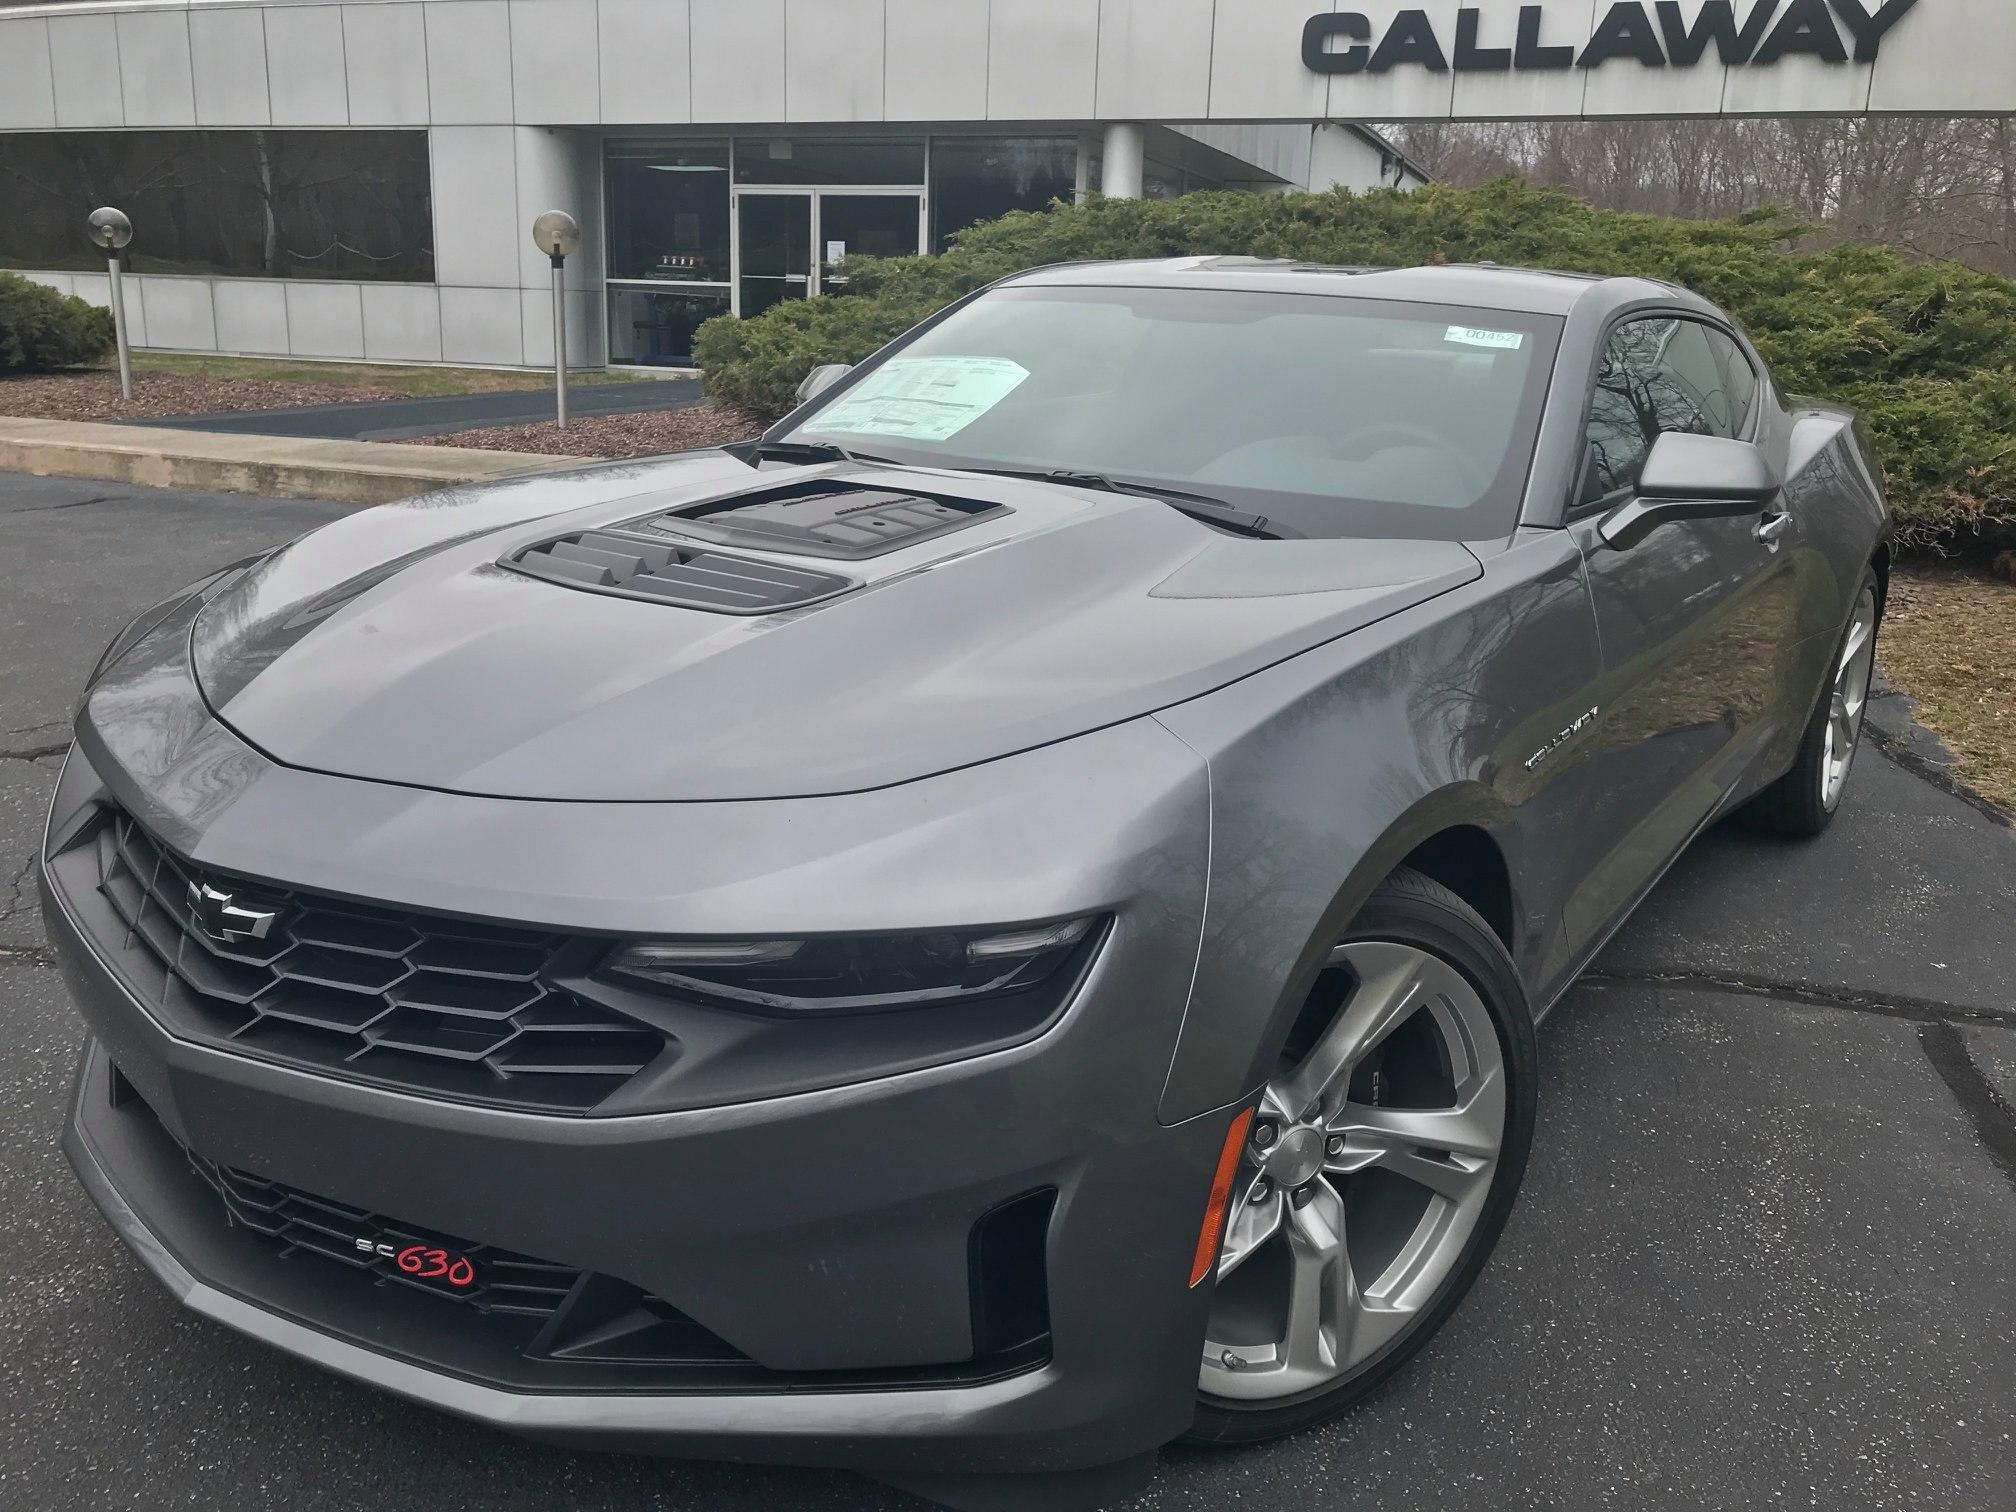 Callaway-Chevrolet-Camaro-SC630-3